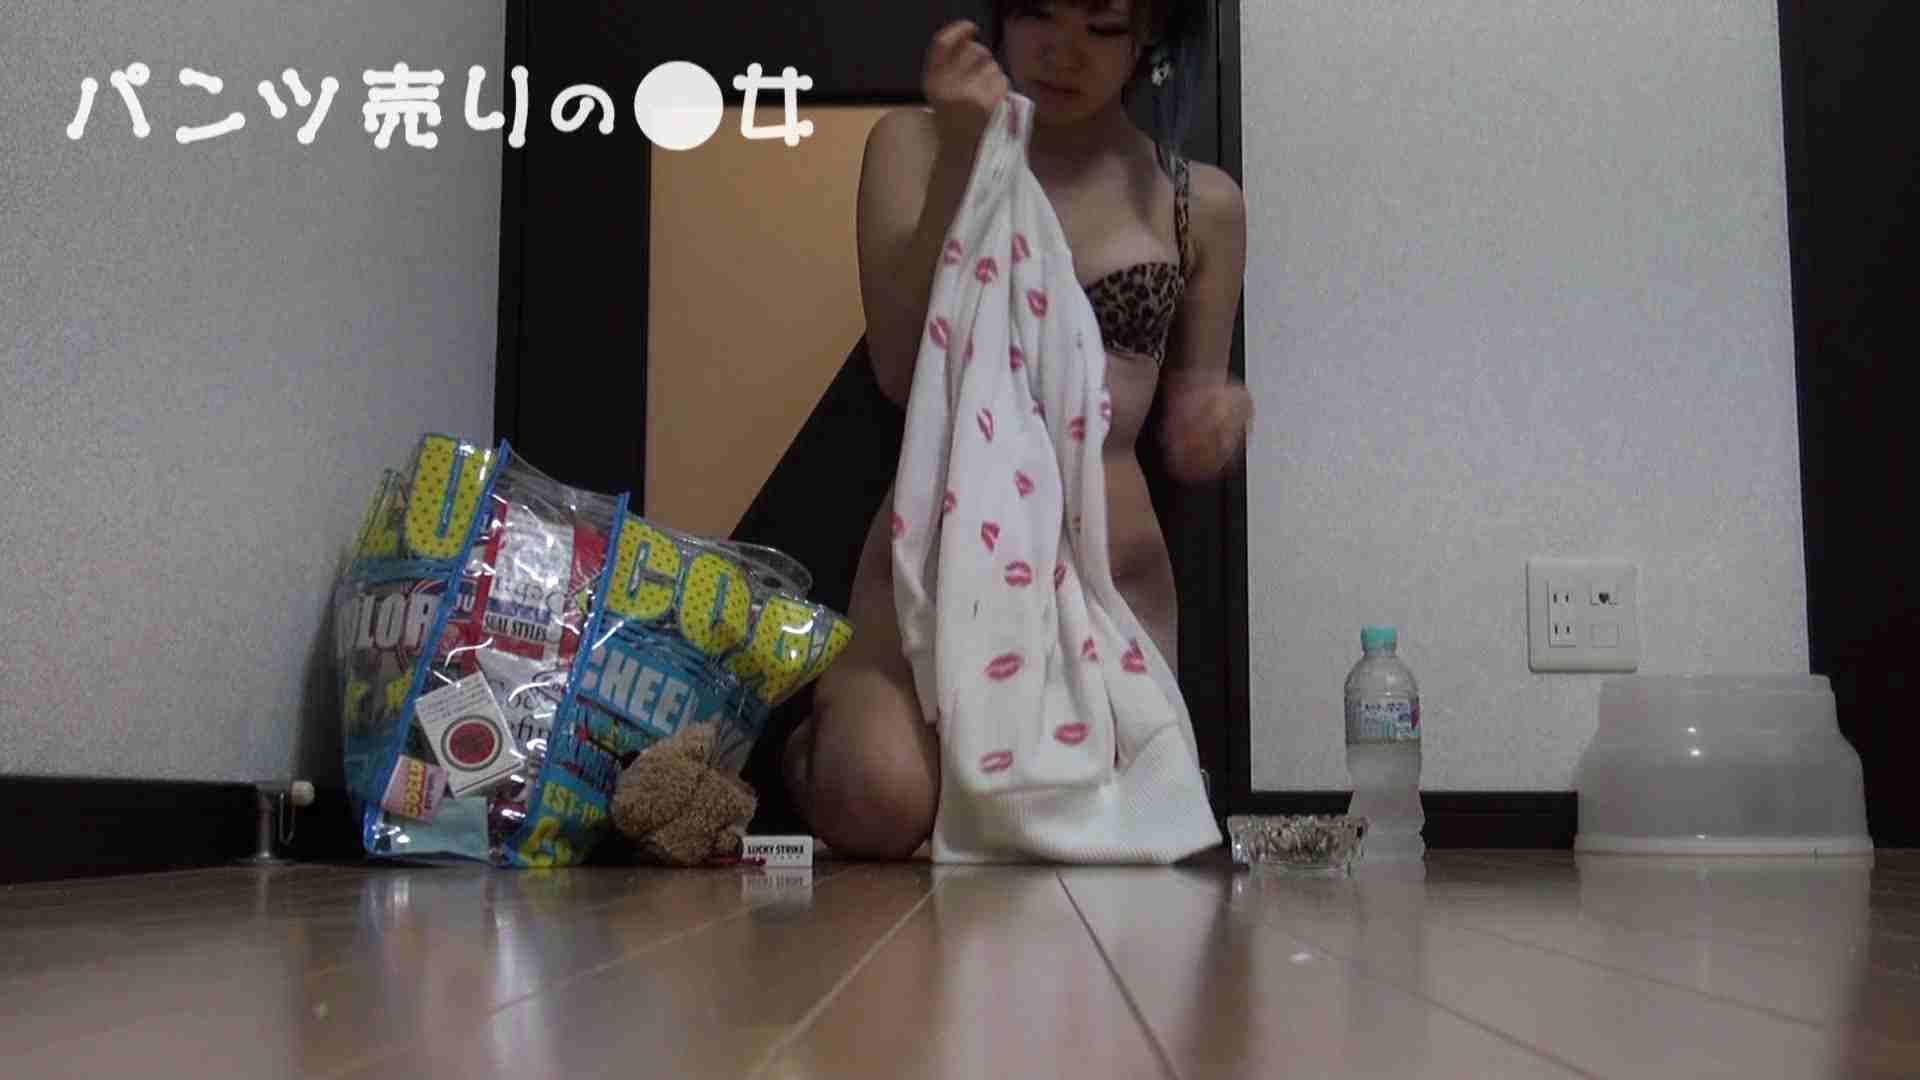 新説 パンツ売りの女の子nana02 覗き セックス無修正動画無料 102連発 14